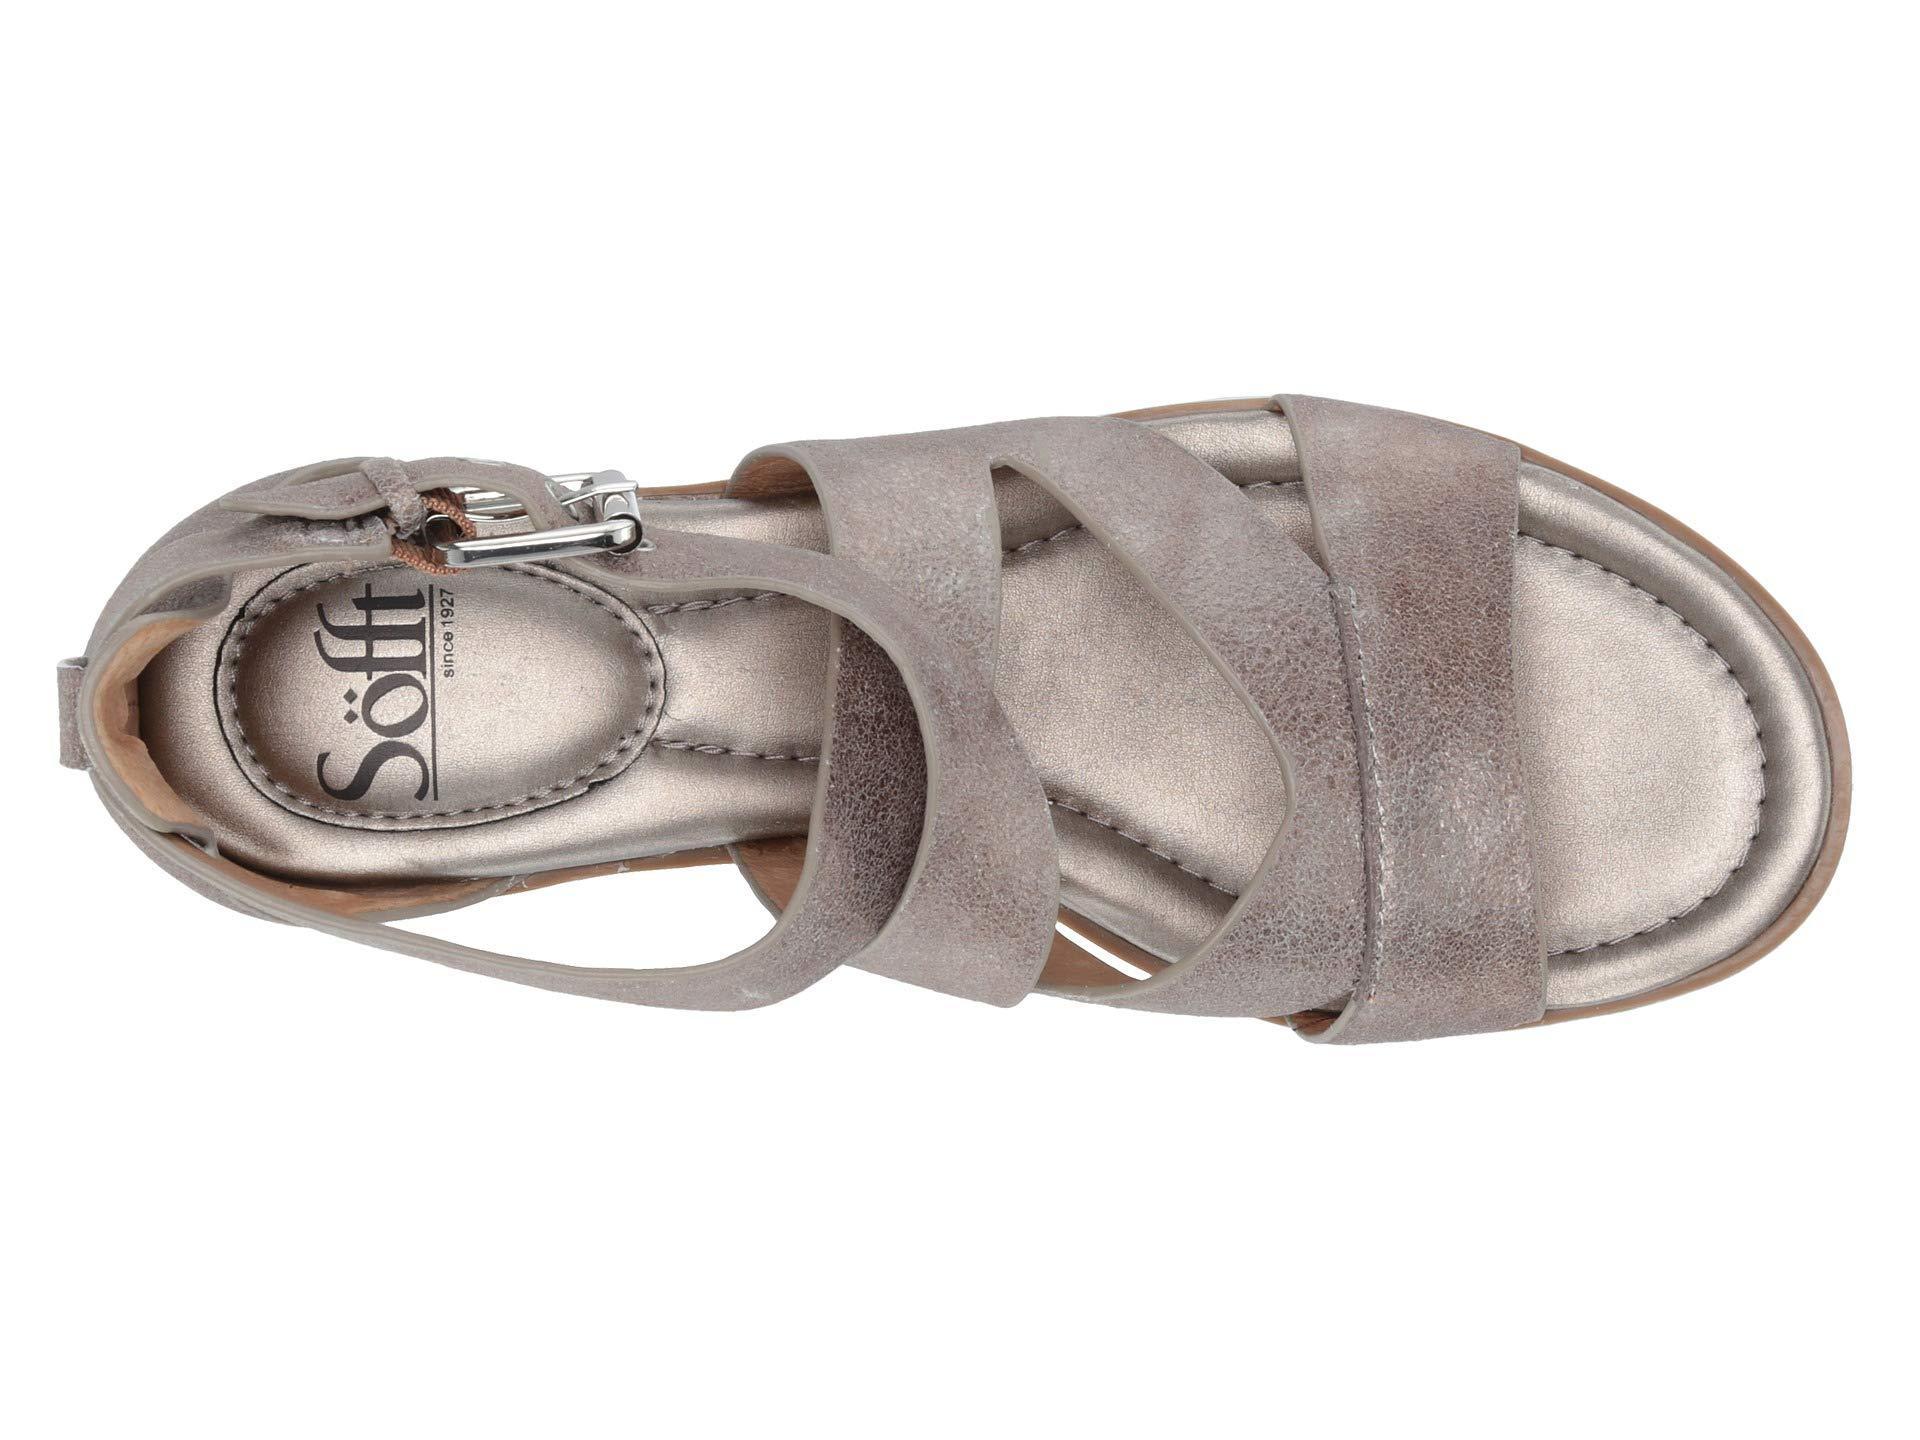 28b32c4d2398 Lyst - Söfft Mirabelle (gold natural Cork) Women s Sandals